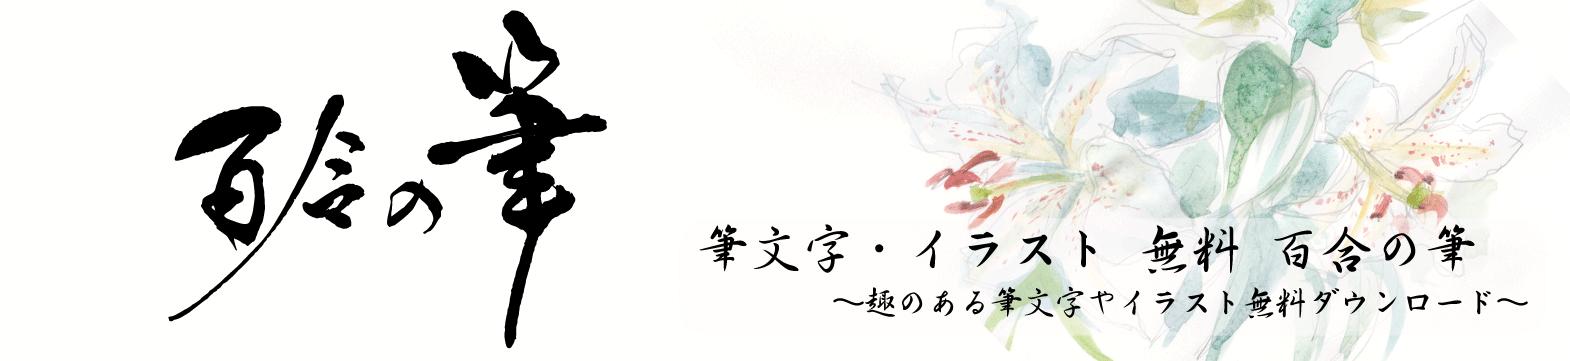 百合の筆|無料素材の筆文字・筆絵・水彩画